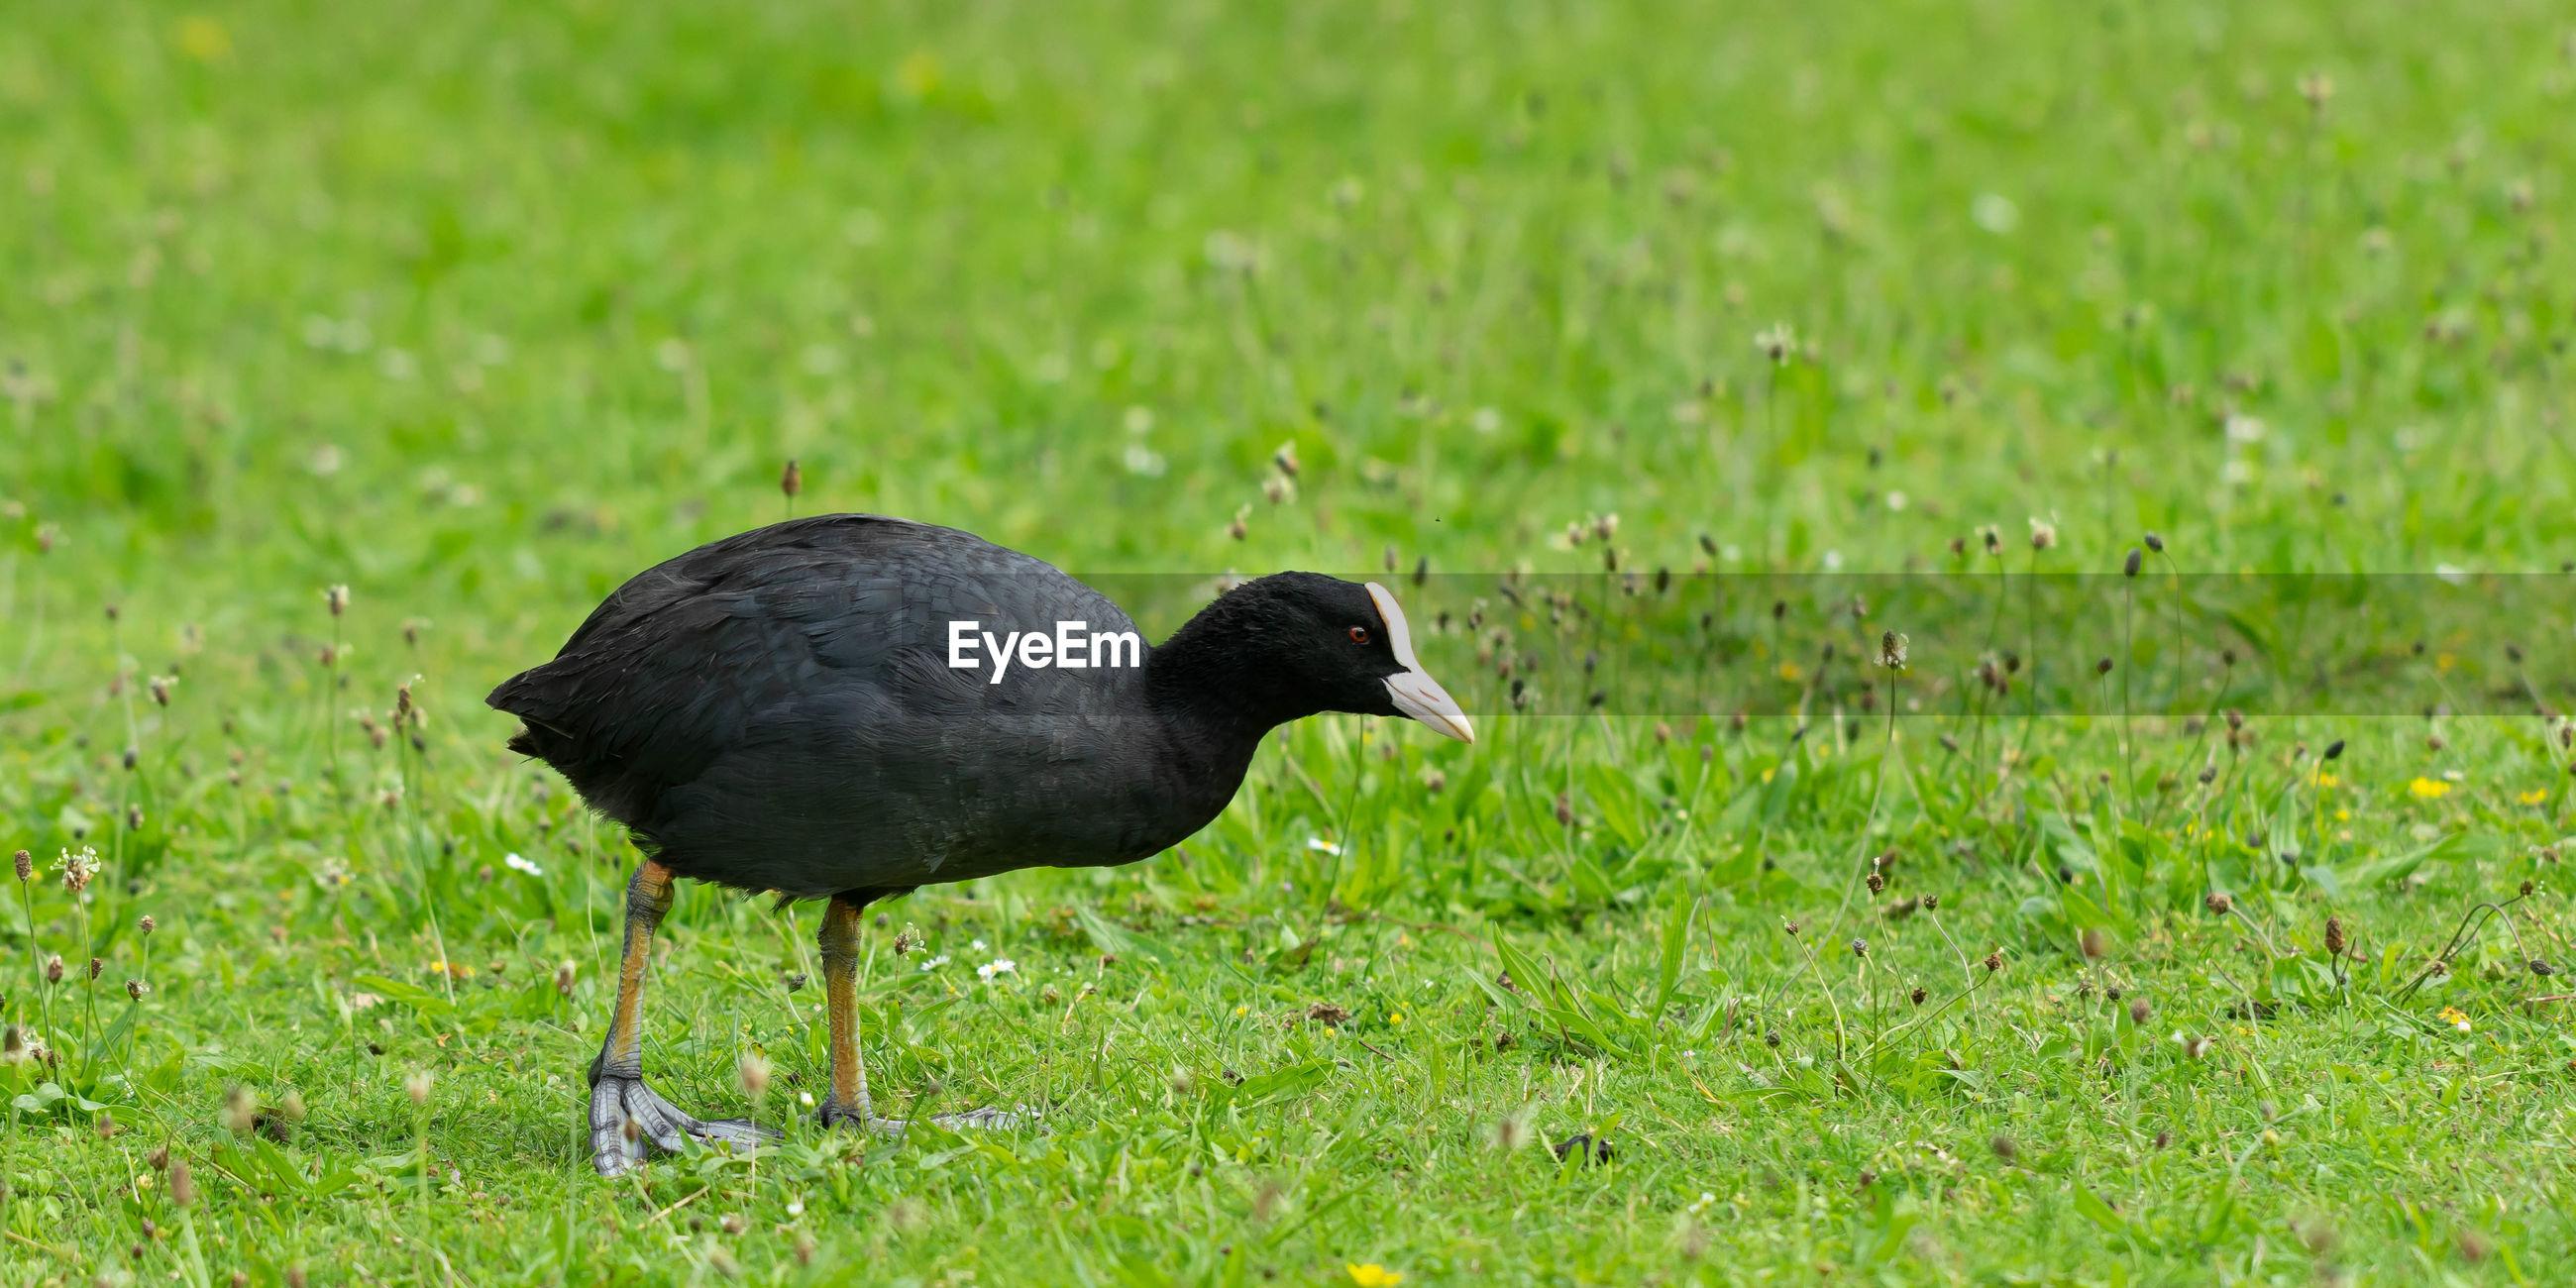 BLACK BIRD ON A GRASS